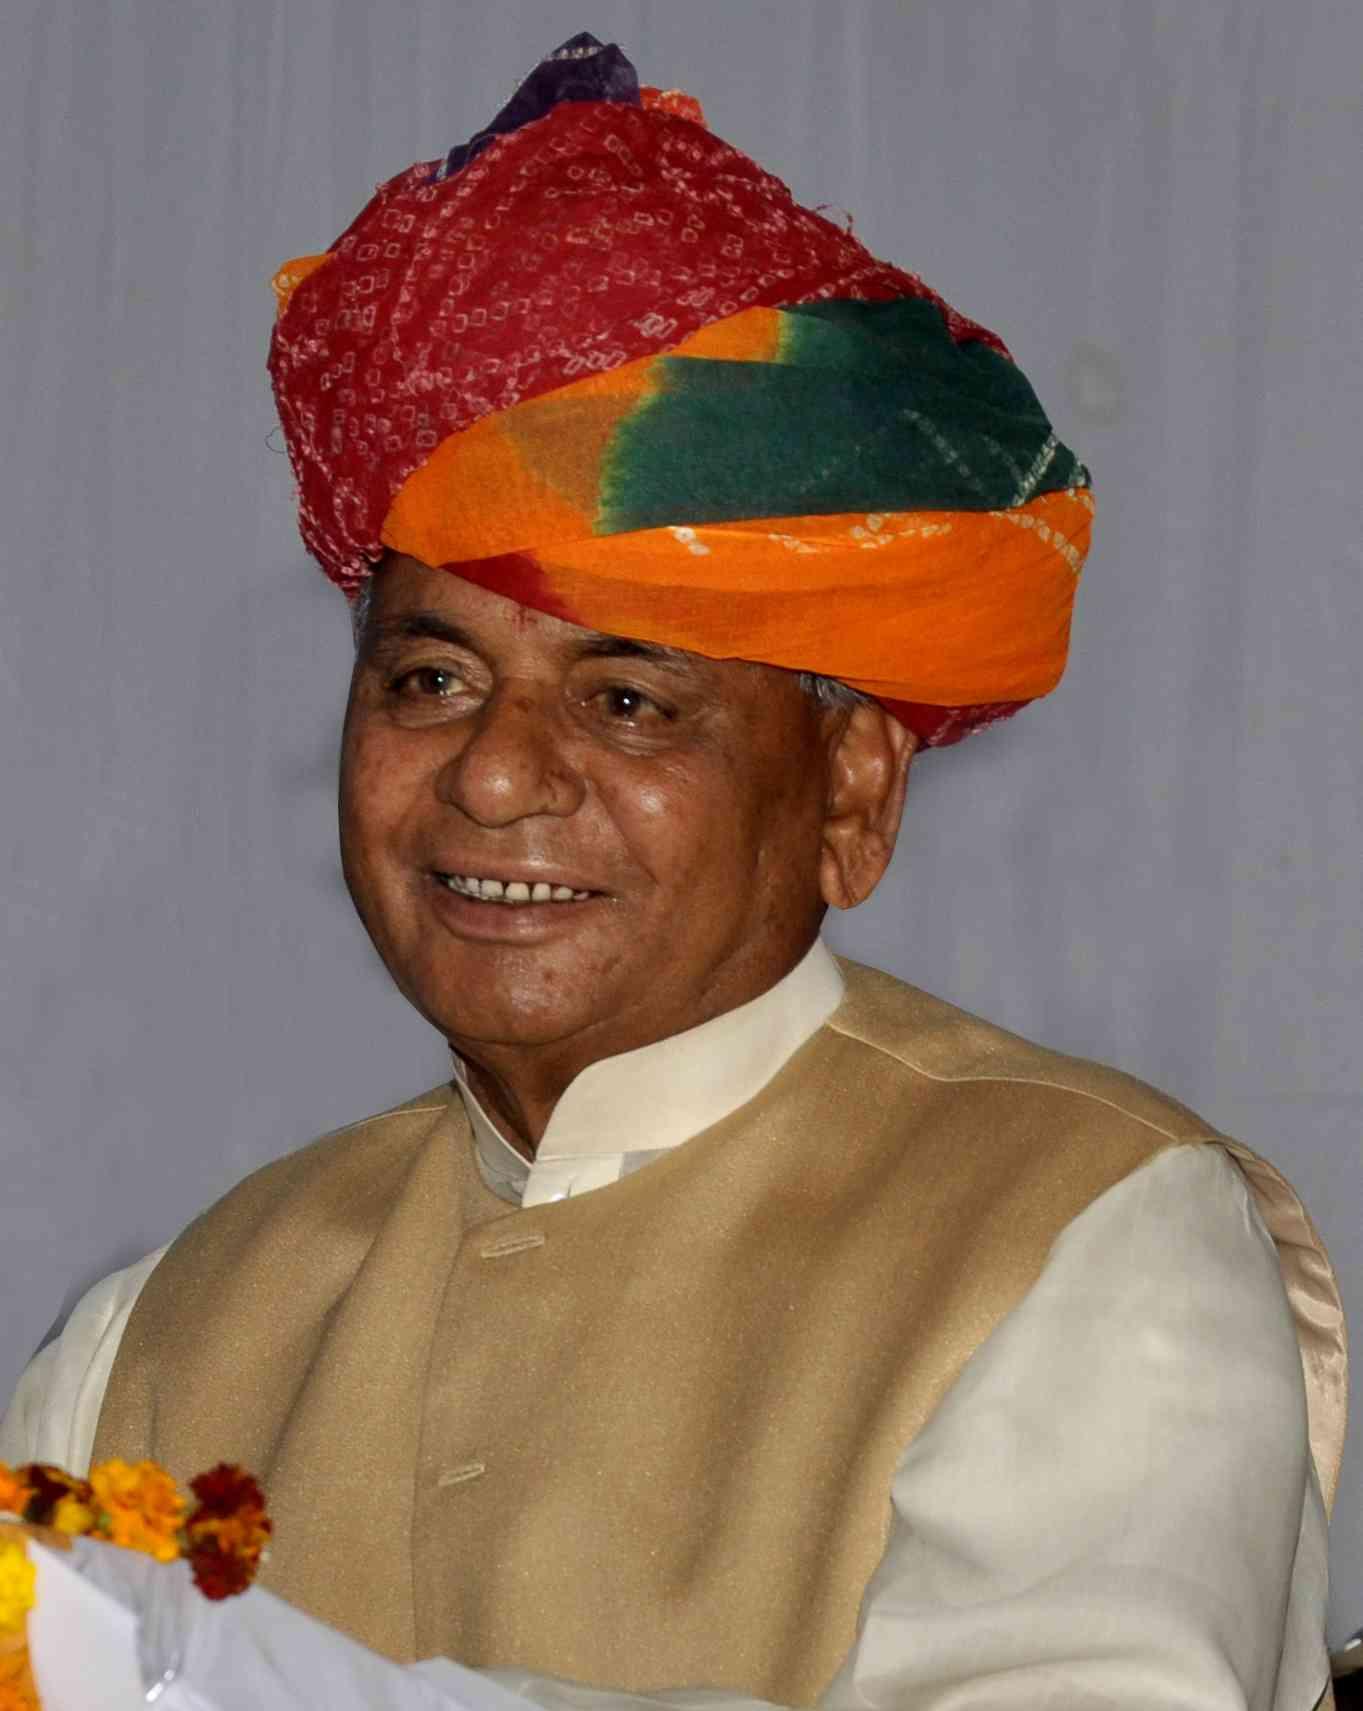 Kalyan Singh, Rajasthan Governor